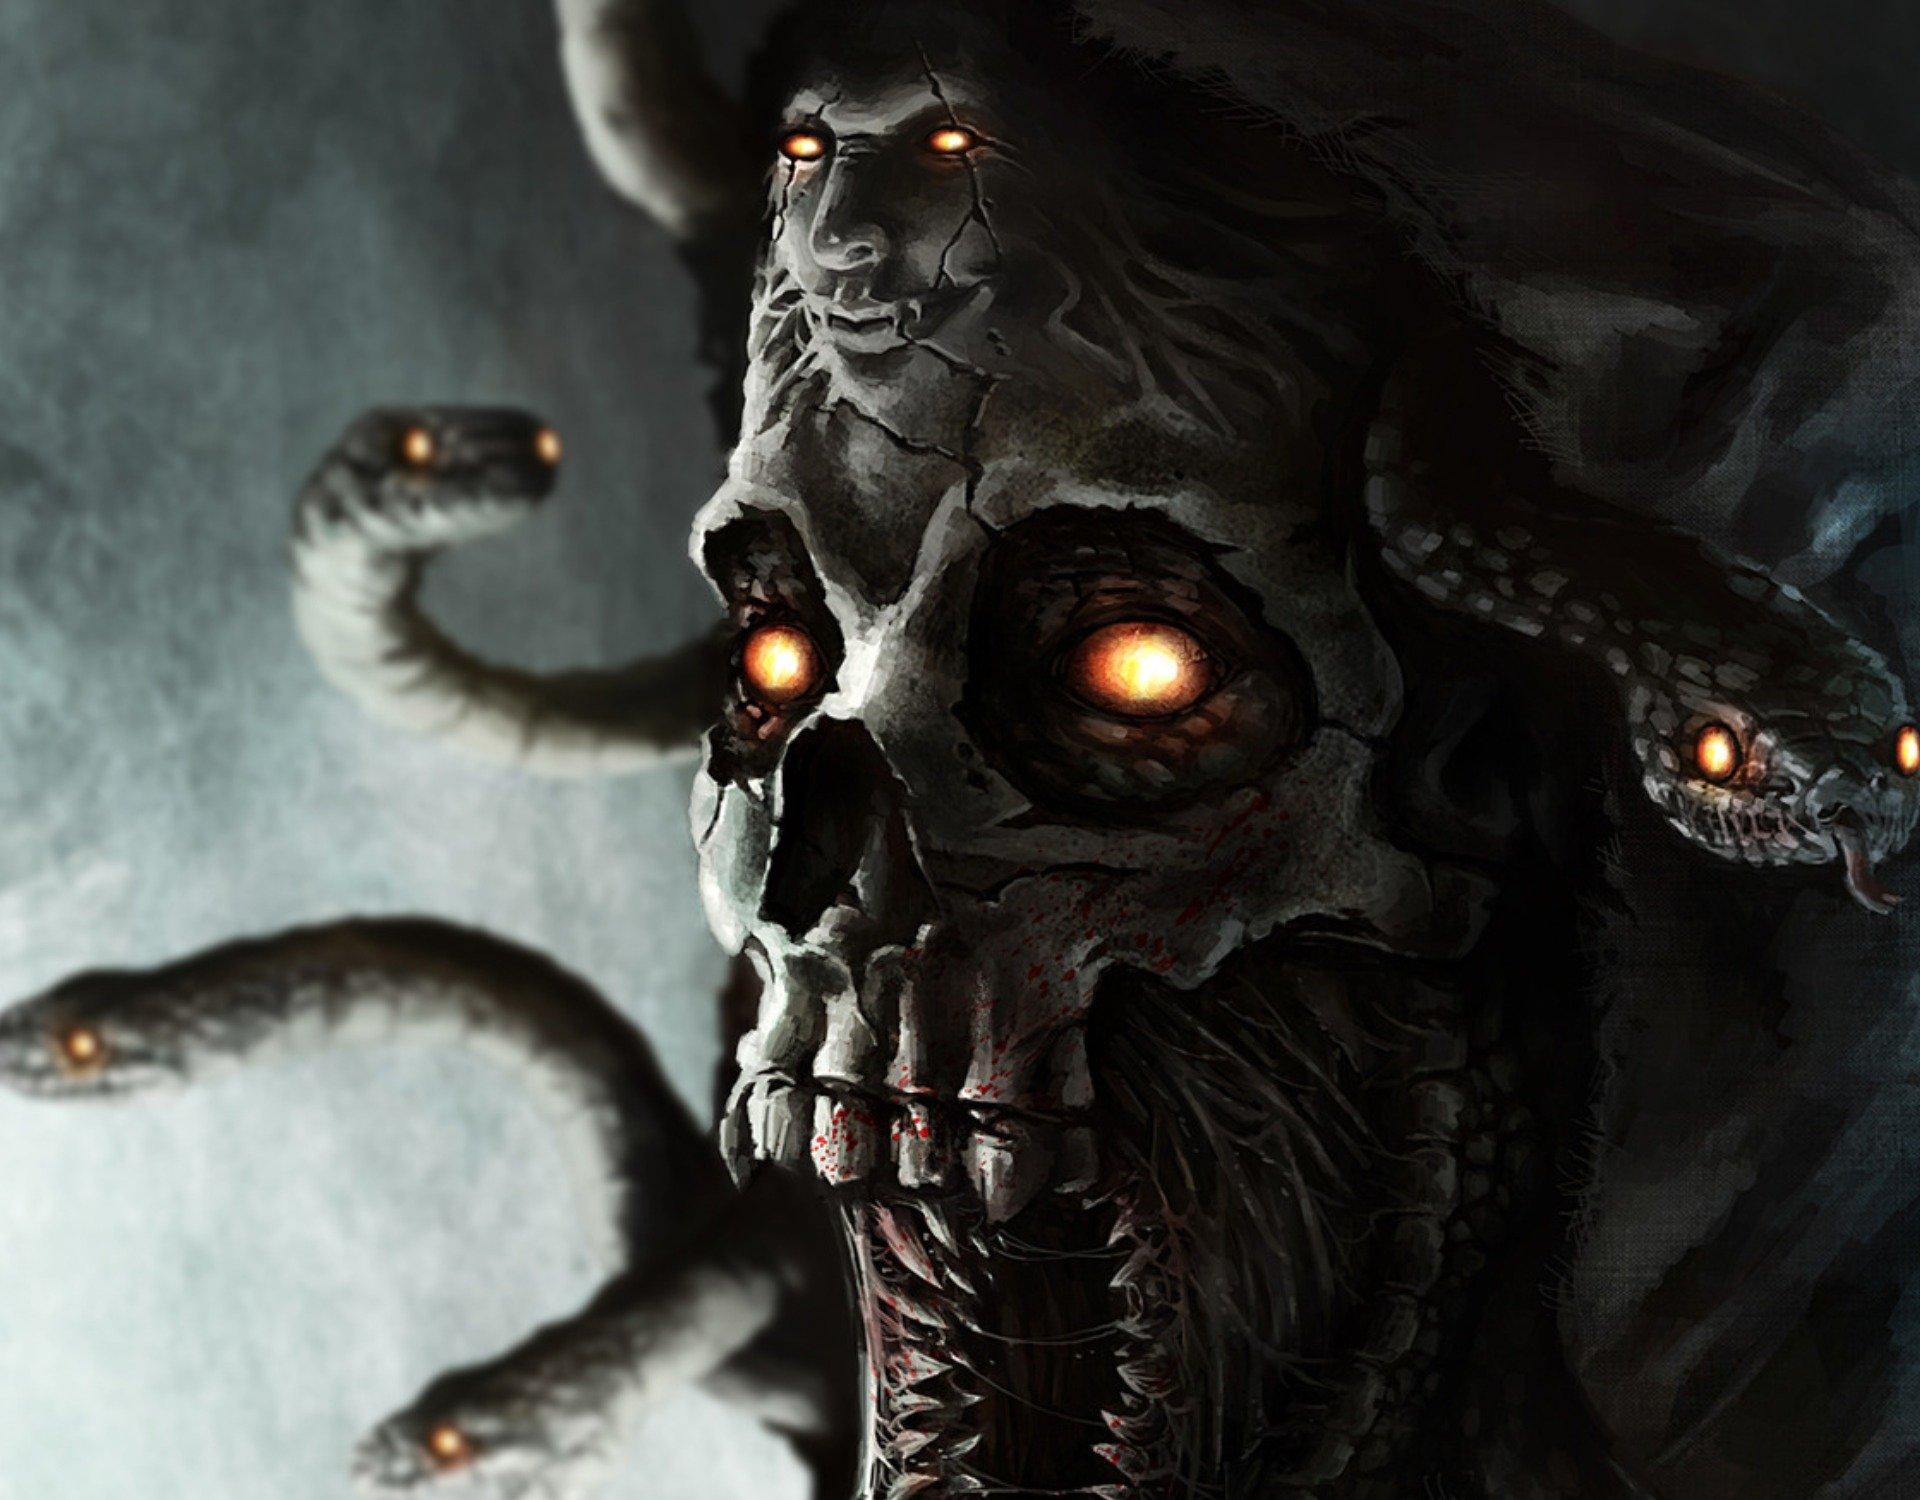 demon skull wallpaper - photo #29